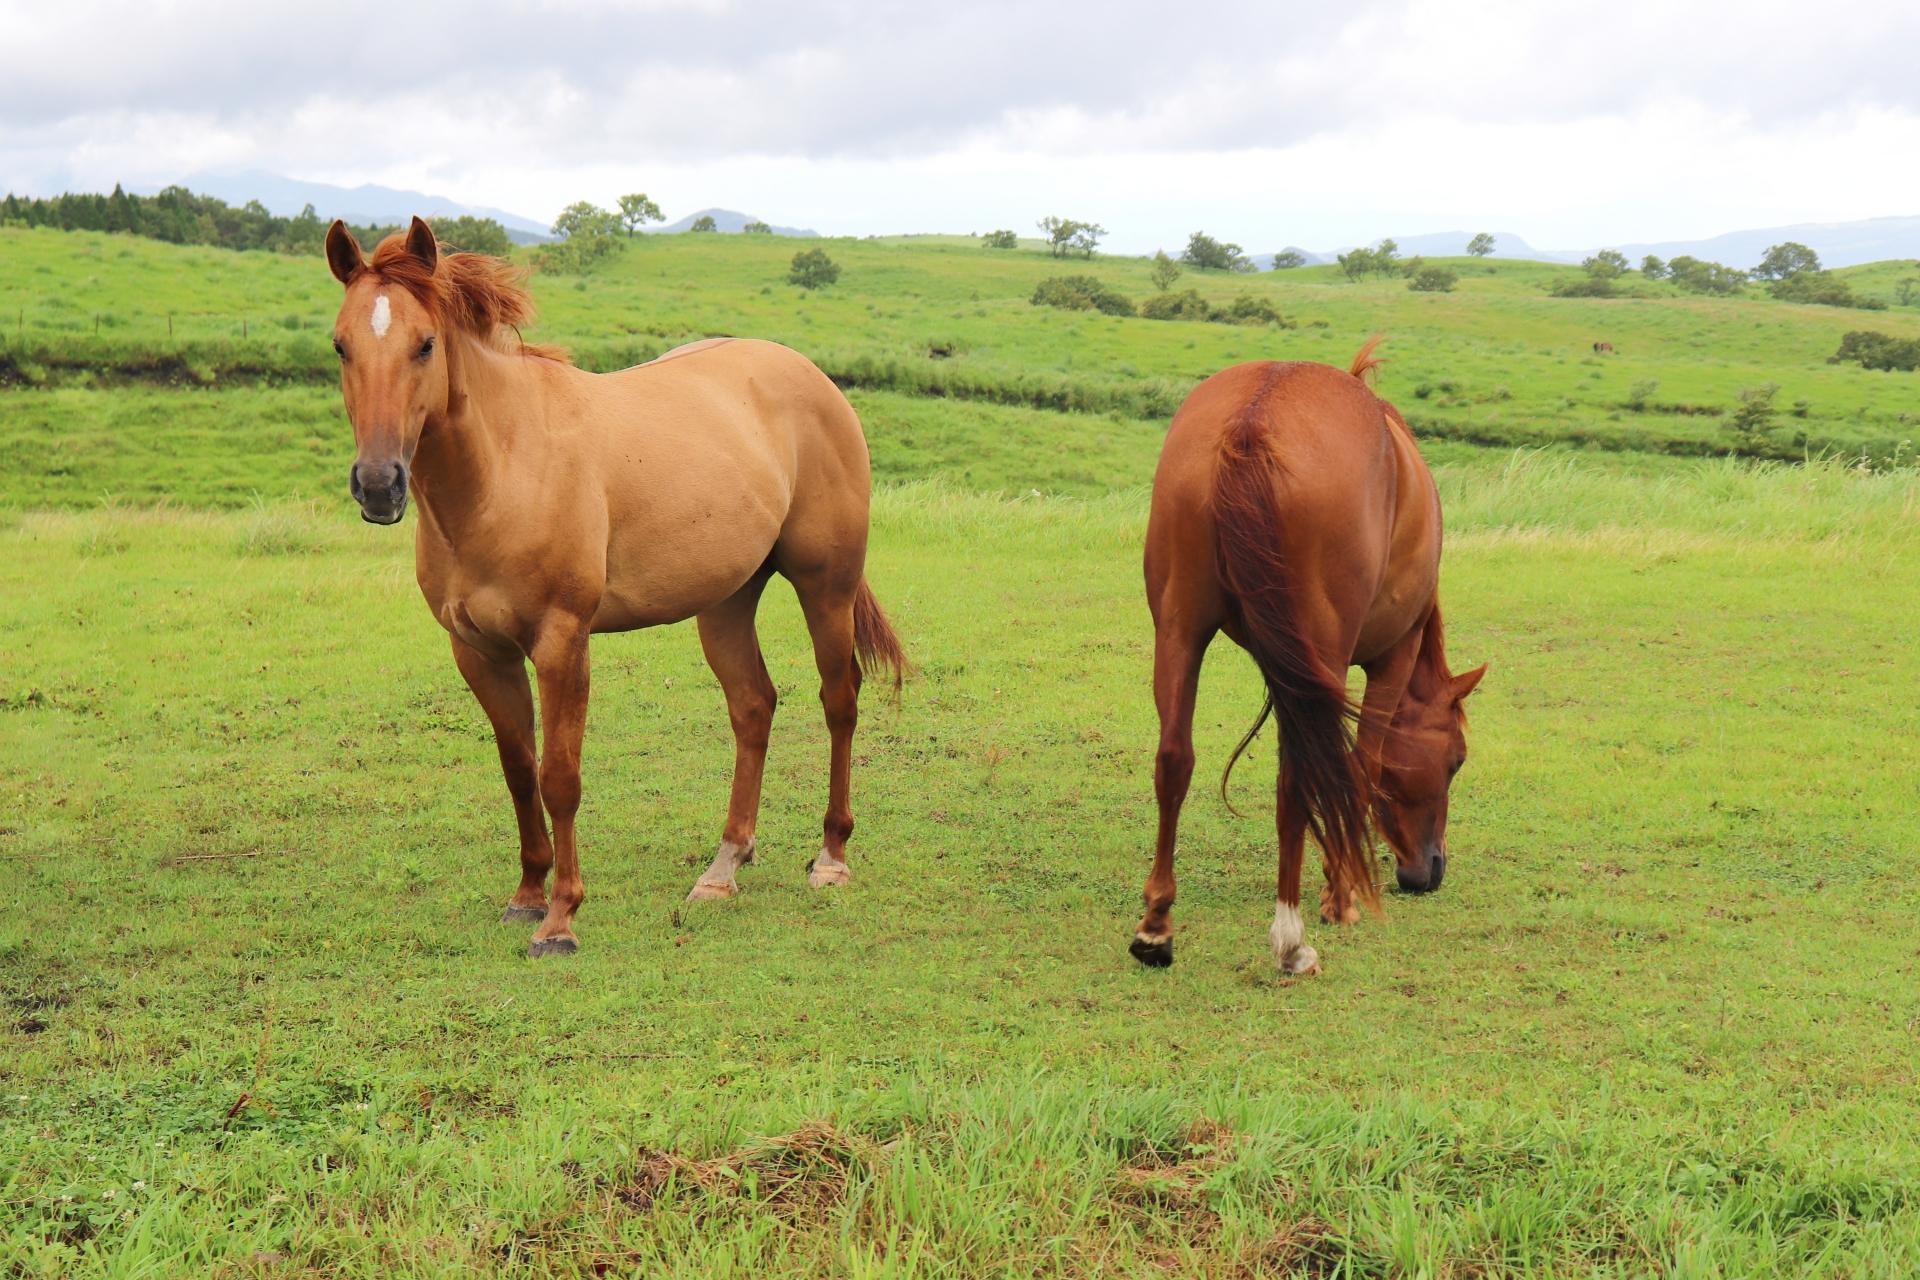 癖ある馬に能あり 語源